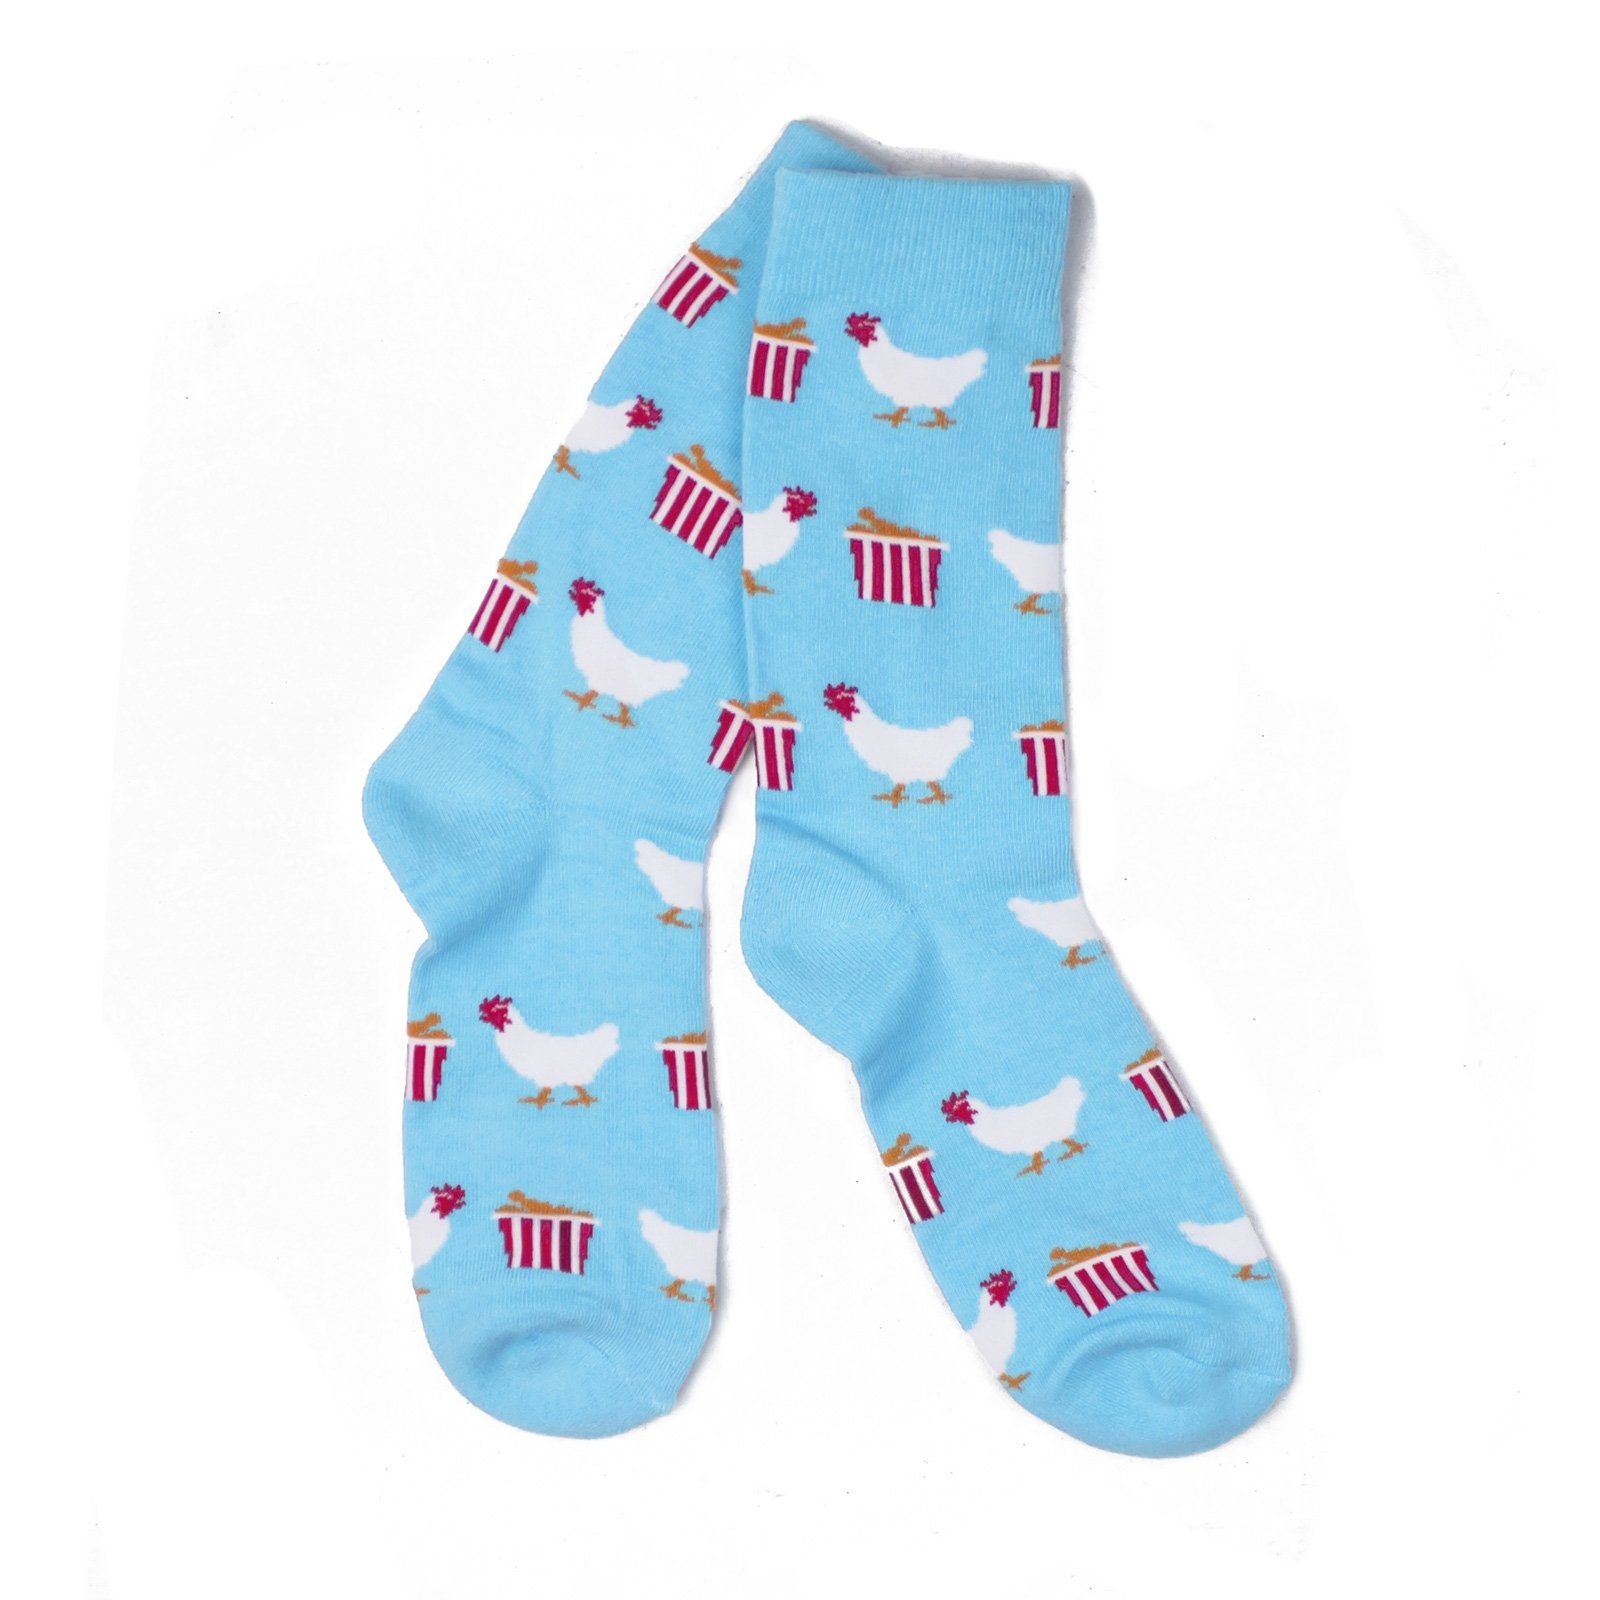 Fried Chicken Socks